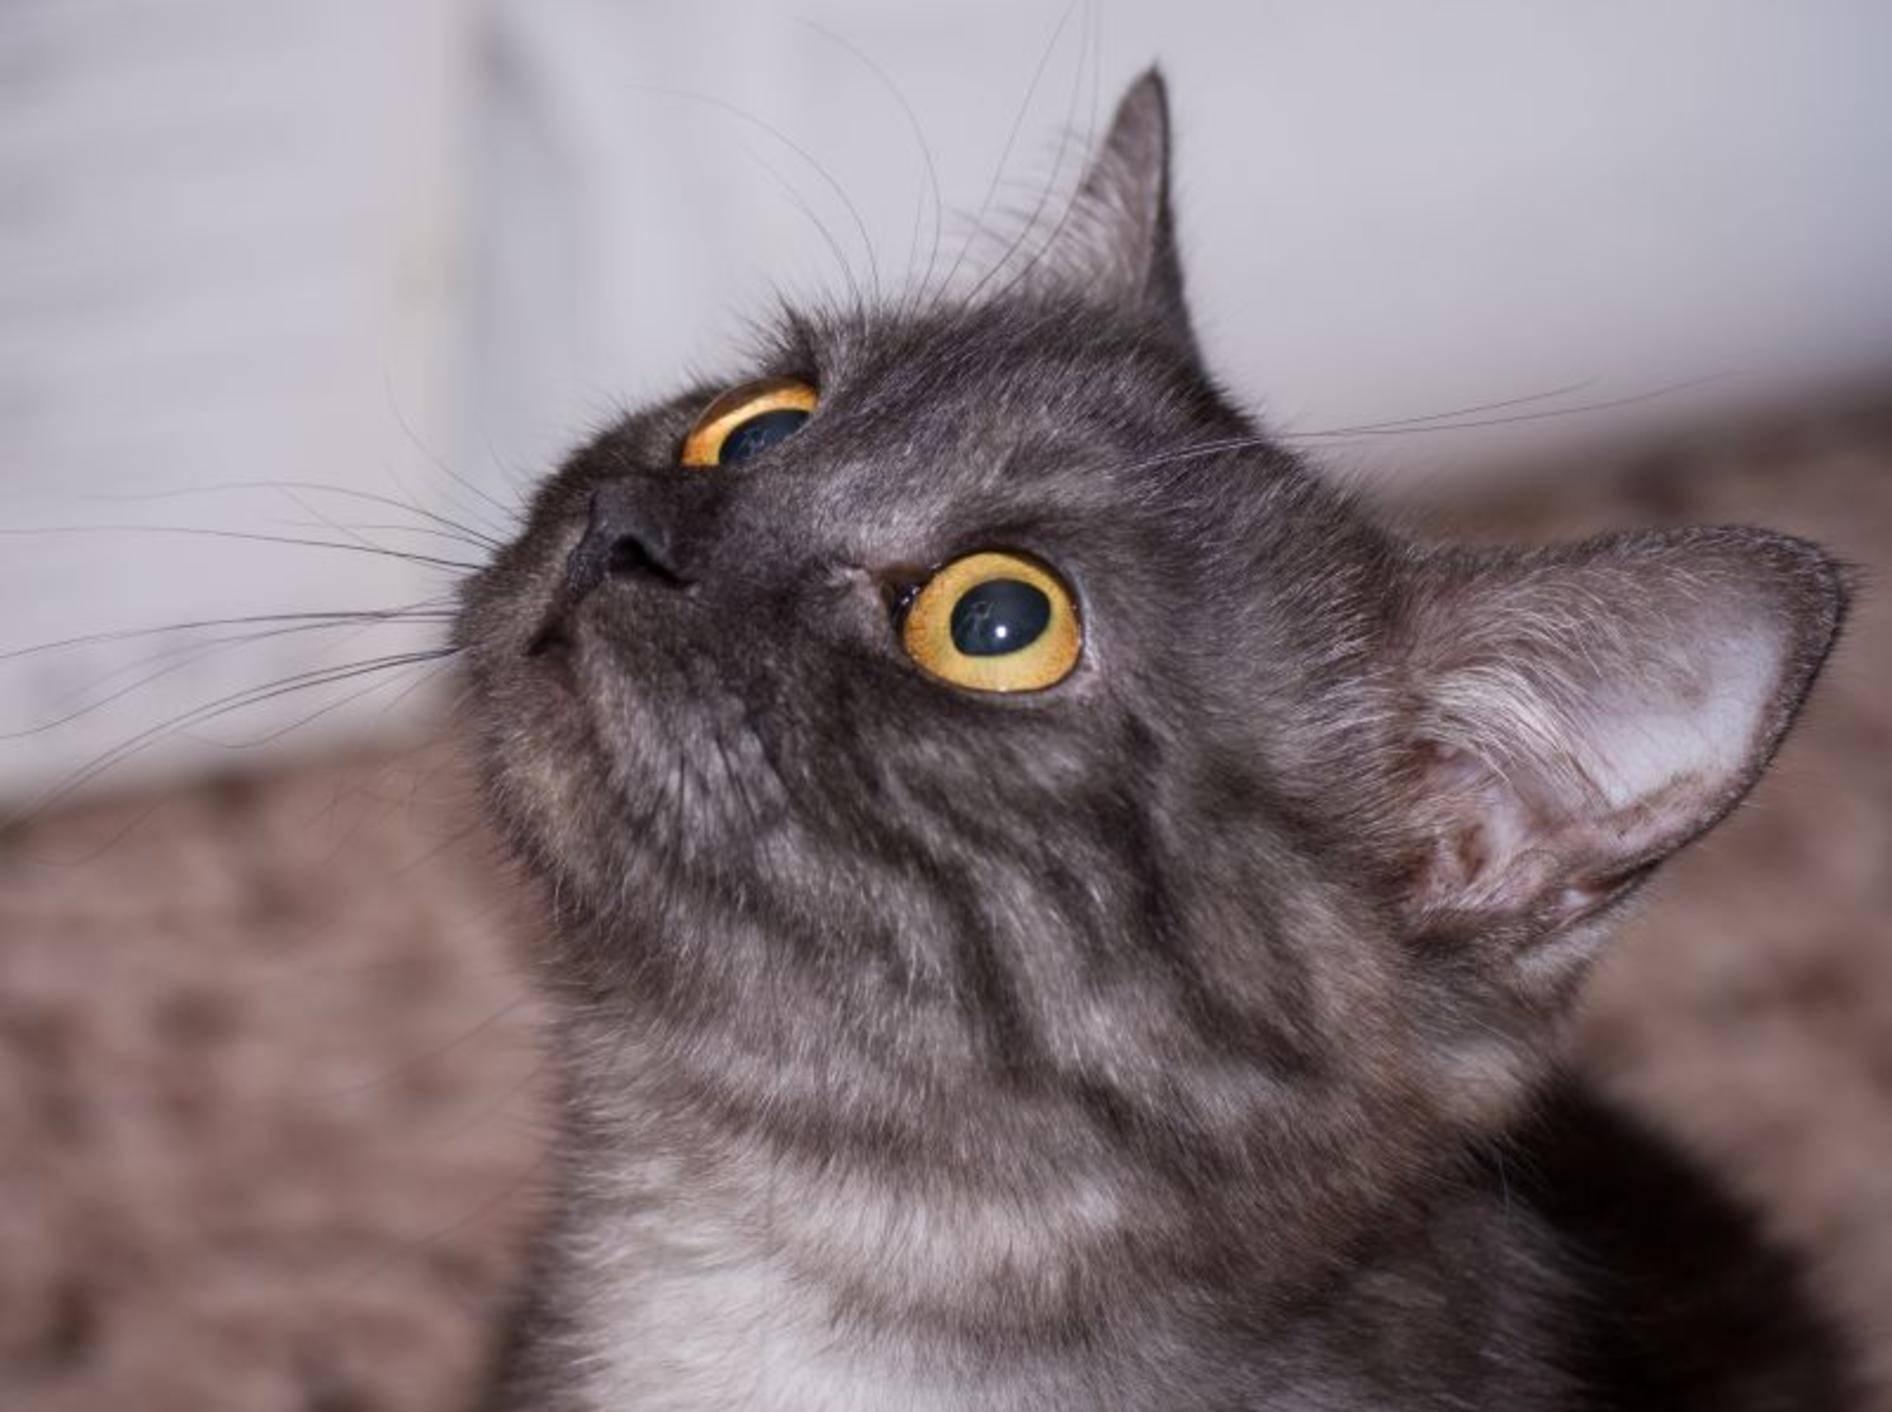 """Erziehung von Katzen: Das Kommando """"Nein"""" sollten alle Stubentiger kennen — Bild. Shutterstock / Pugovica88"""